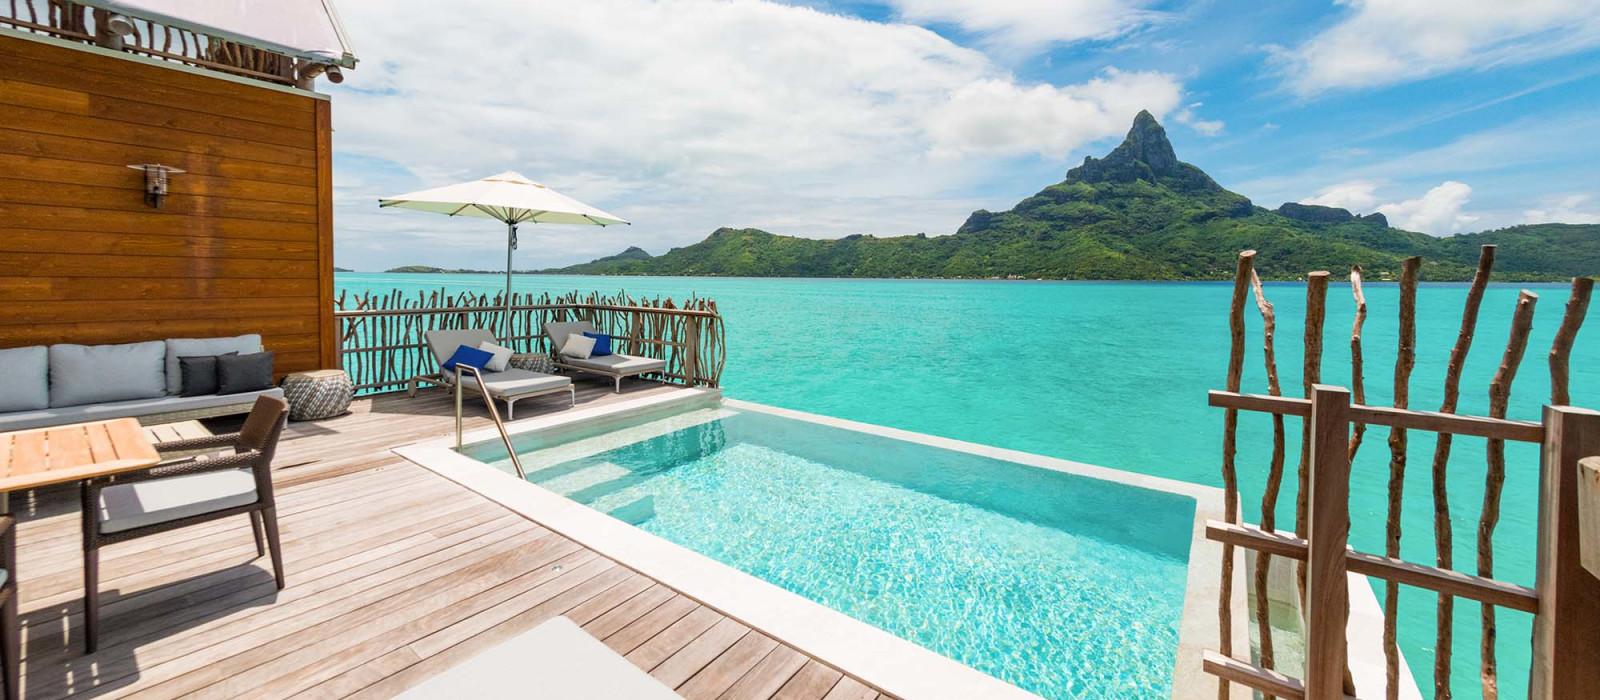 Hotel InterContinental Bora Bora Resort Thalasso Französisch Polynesien